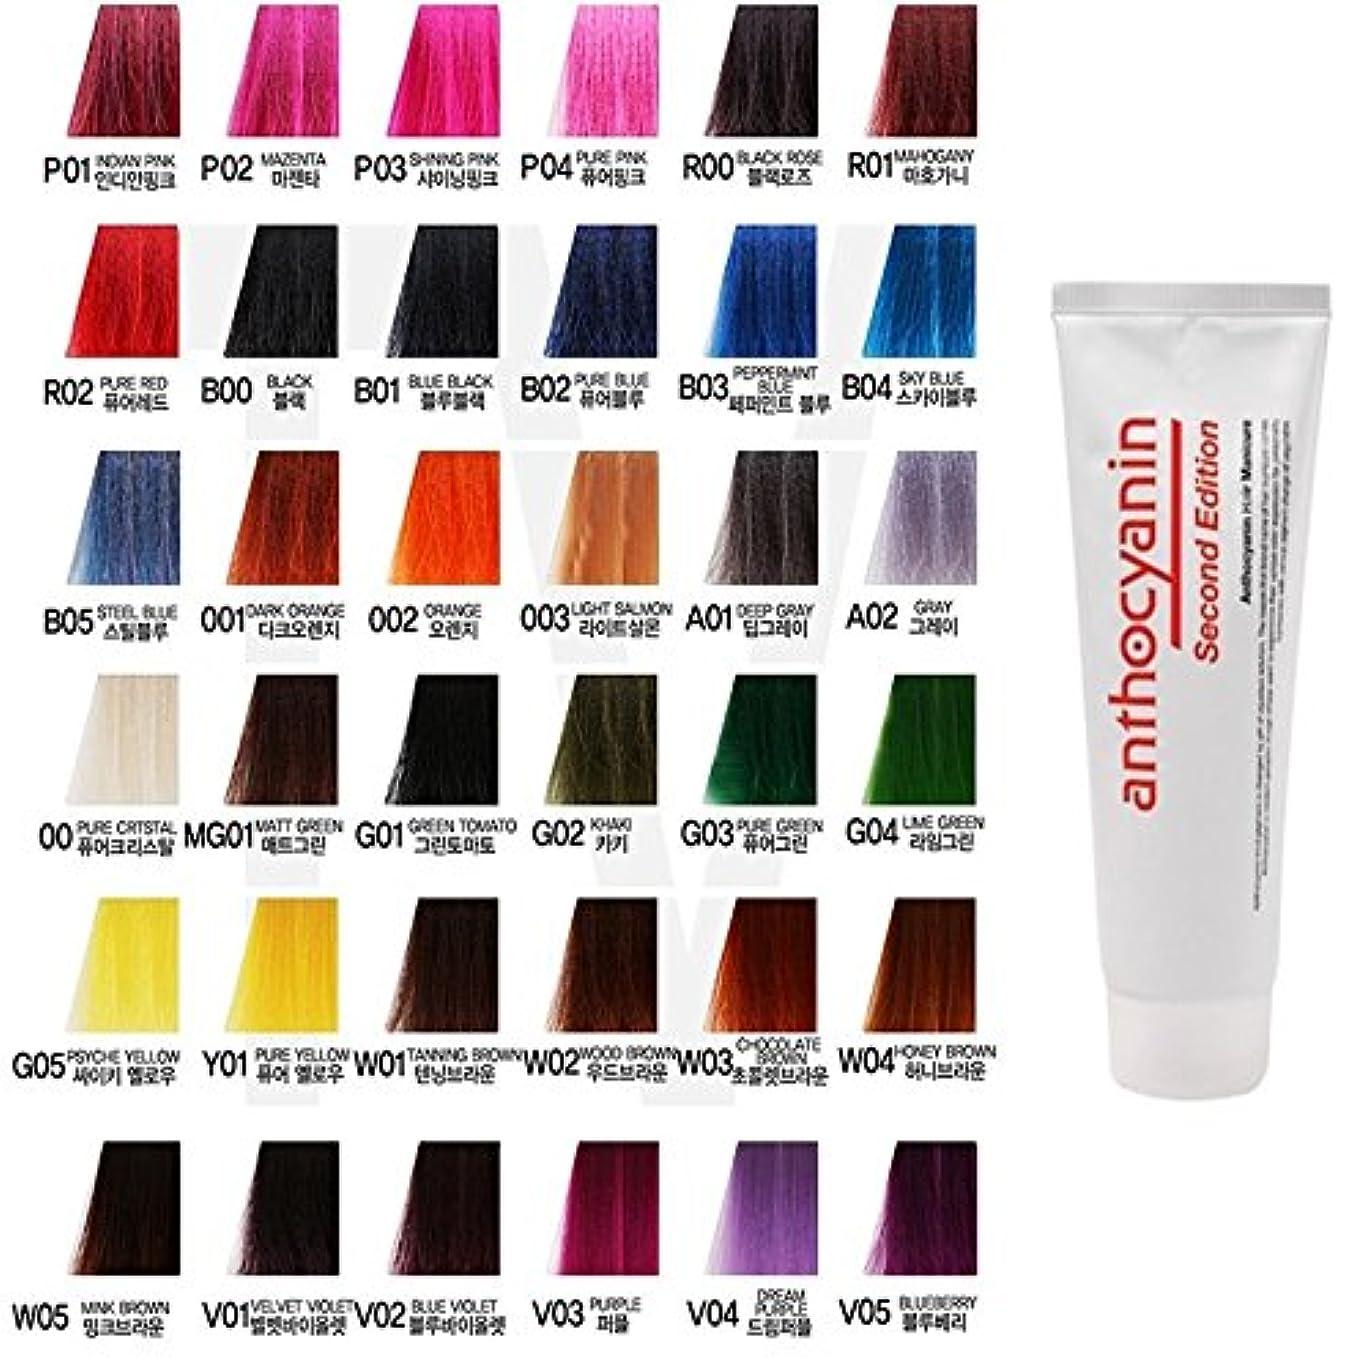 解釈とげのあるホステスヘア マニキュア カラー セカンド エディション 230g セミ パーマネント 染毛剤 ( Hair Manicure Color Second Edition 230g Semi Permanent Hair Dye) [並行輸入品] (O12 Coral Orange)